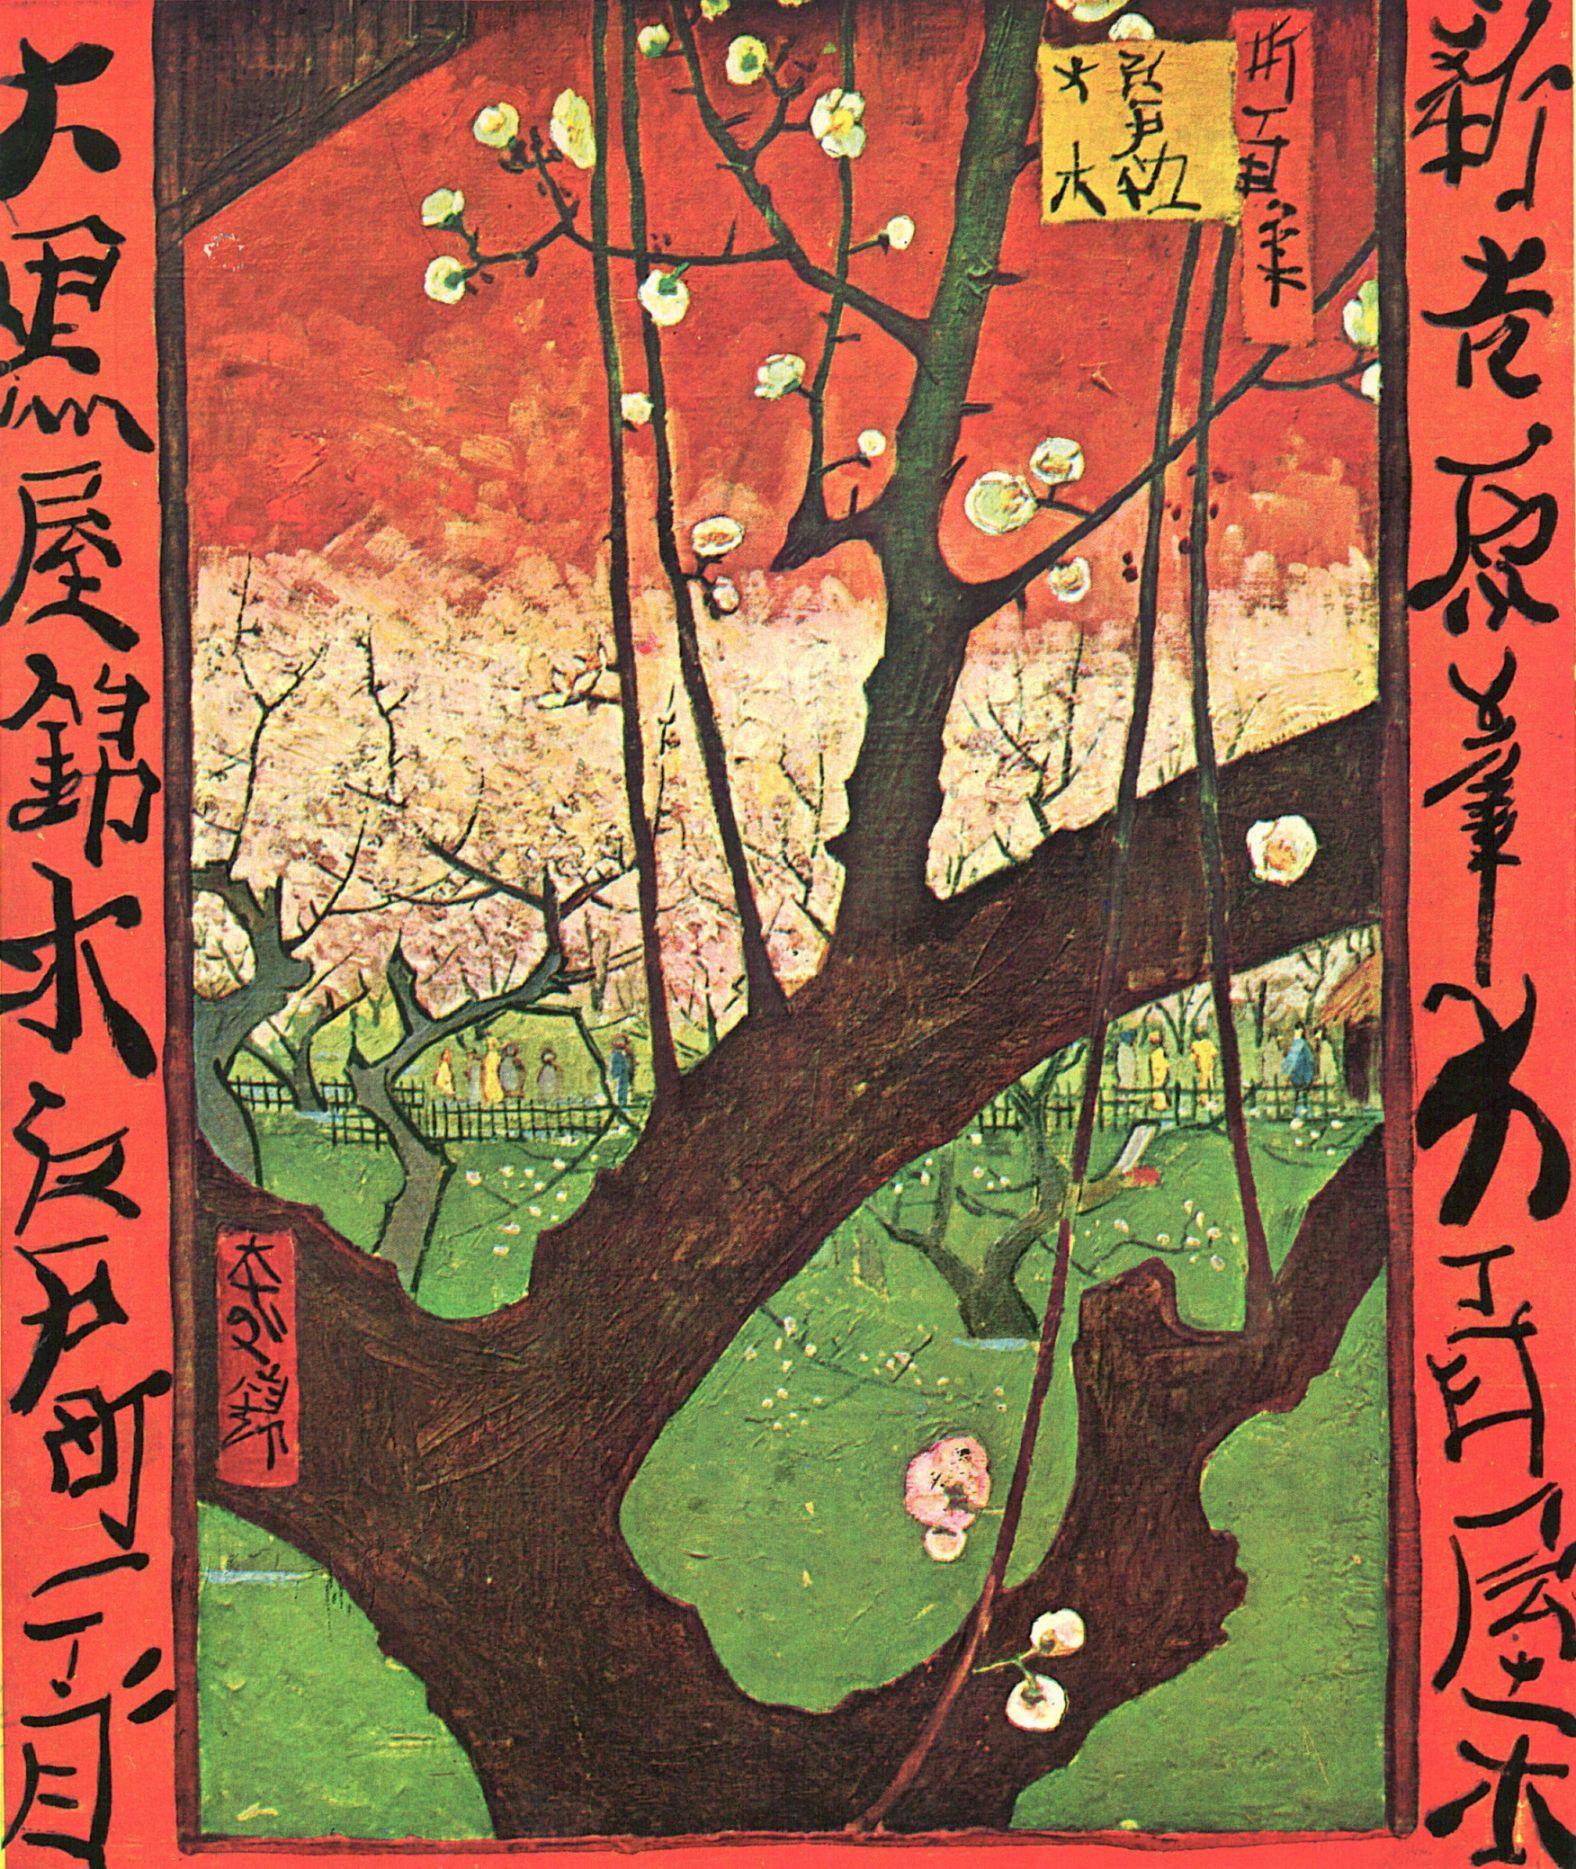 la vague du japonisme the effects Henri rivière, entre impressionnisme et japonisme la vague, was printed by henri rivière: entre impressionisme et japonisme.